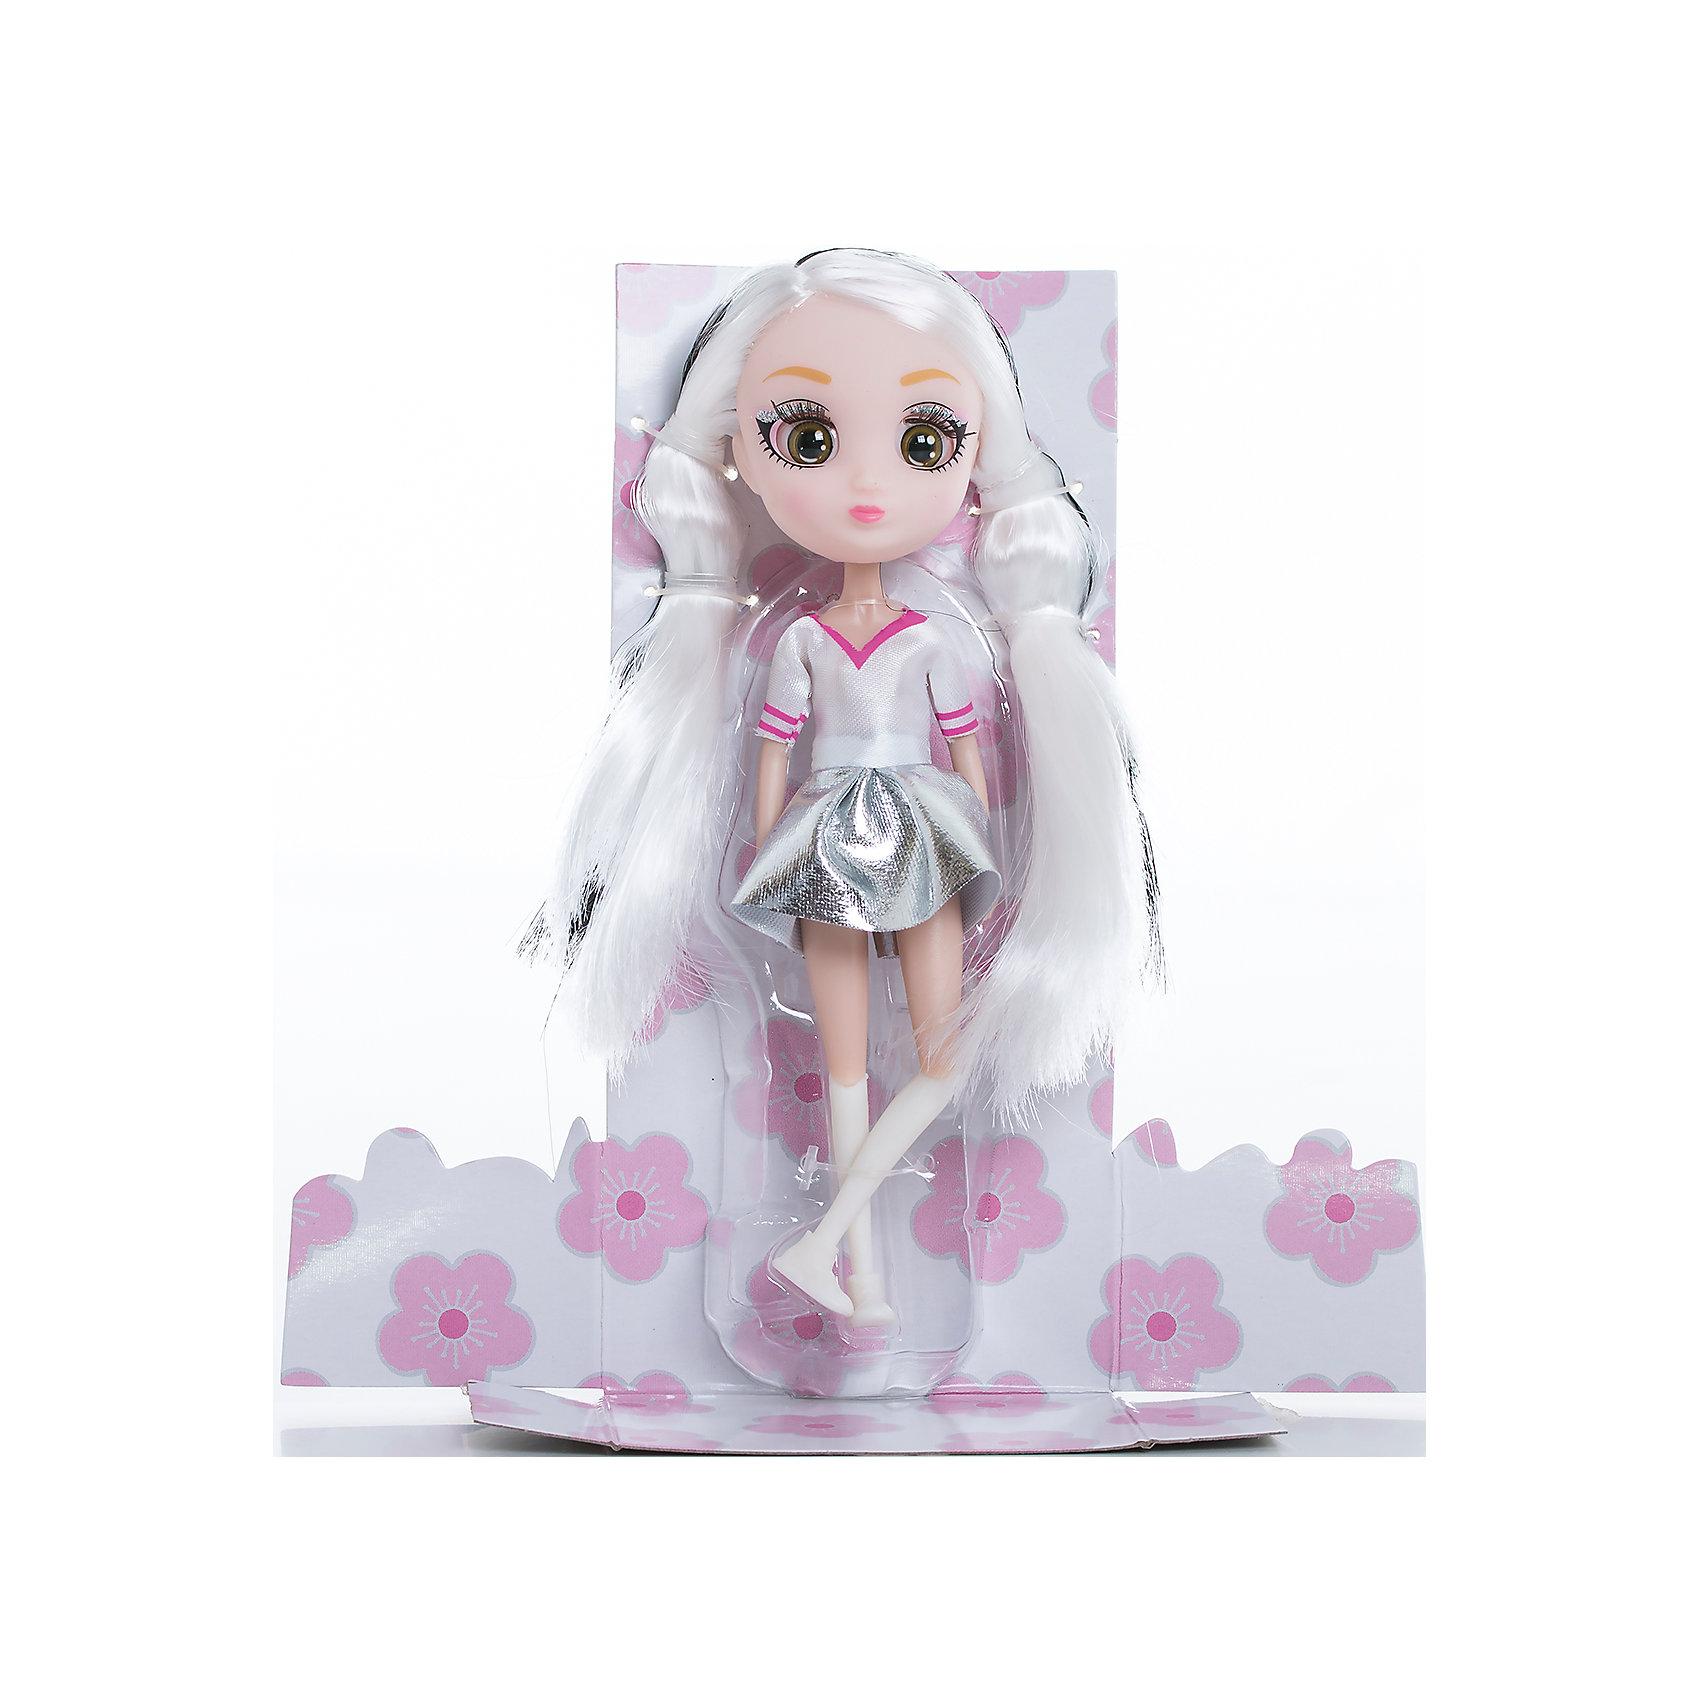 Кукла Мики, 15 см, Шибадзуку ГерлзКуклы<br>Характеристики товара:<br><br>• возраст: от 3 лет;<br>• материал: пластик,текстиль;<br>•высота куклы: 15 см;<br>•в комплекте : кукла,аксессуары;<br>• размер упаковки: 5х8х17 см;<br>• вес упаковки: 87 гр.;<br>• страна обладатель бренда: Австралия;<br>• бренд: Hunter Products. <br><br>Кукла Мики — она очень модная, светловолосая с черными прядями. Ей можно делать много необычных причесок! Мики любит стильную одежду, на ней белая кофта с коротким рукавом, серебристая юбка, белые гетры и ботиночки. <br><br>У куклы подвижная голова, руки и ноги. Руки без шарниров, а вот ноги сгибаются в бедре, прокручиваются и сгибаются в колене. <br><br>Девочка будет в восторге от такого подарка, Мики однозначно станет любимой игрушкой, ведь с ней можно придумать так много увлекательных историй. А еще здорово будет собрать целую коллекцию Shibajuku Girls. <br><br>Куклу Мики ,15 см  можно приобрести в нашем интернет-магазине.<br><br>Ширина мм: 80<br>Глубина мм: 50<br>Высота мм: 170<br>Вес г: 87<br>Возраст от месяцев: 36<br>Возраст до месяцев: 2147483647<br>Пол: Женский<br>Возраст: Детский<br>SKU: 6916234